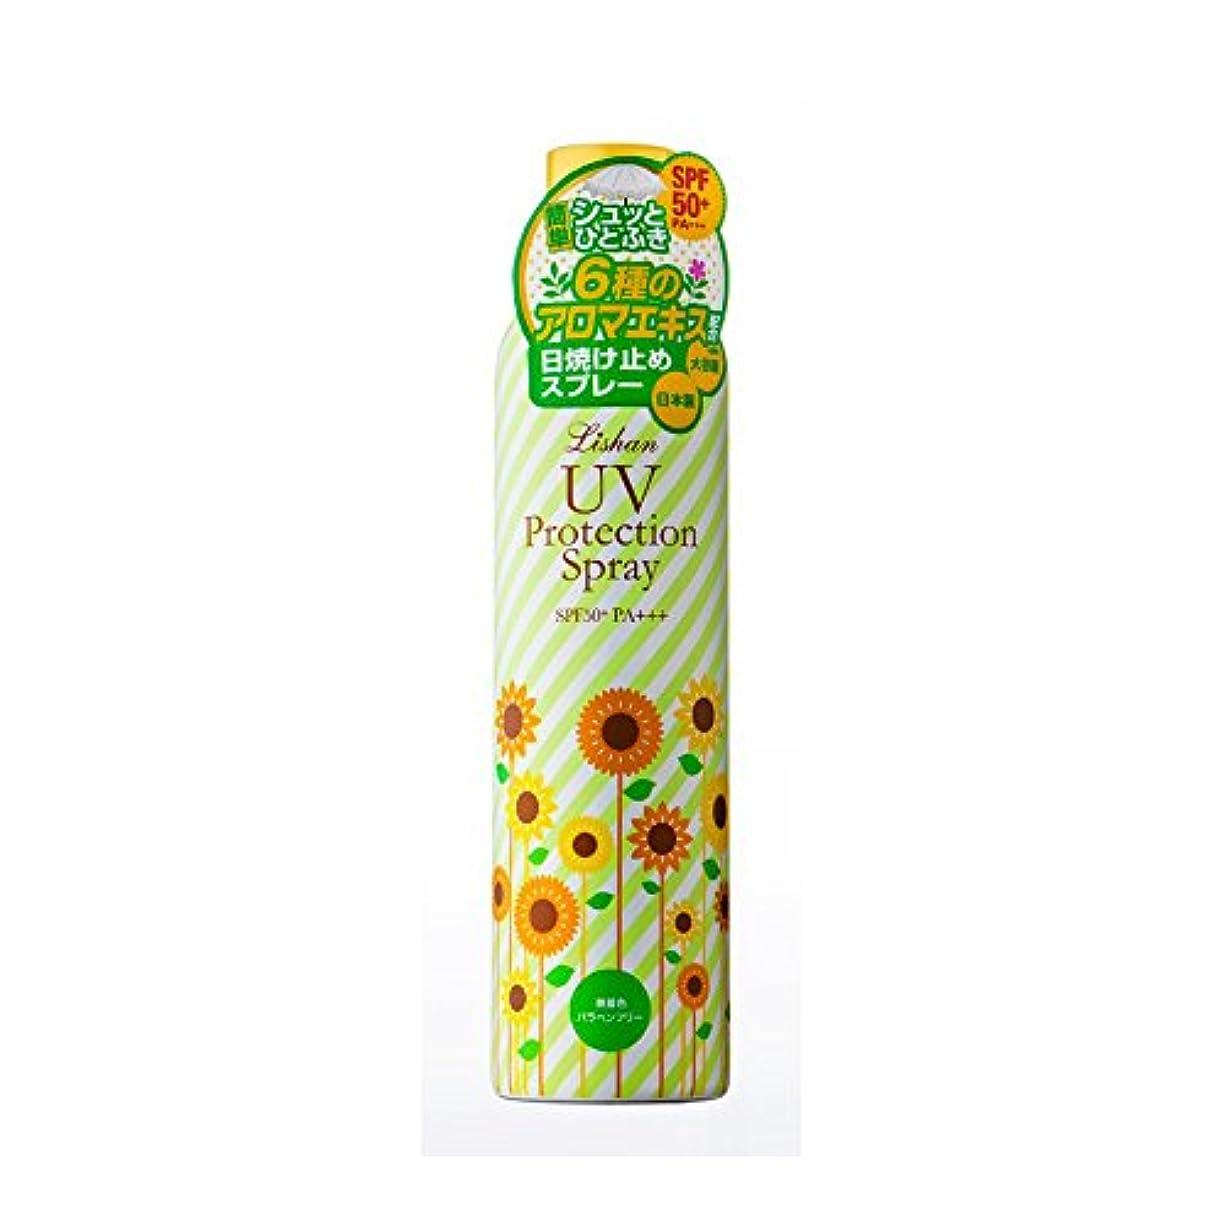 道を作る週間フェードアウトリシャン 大容量UVスプレー アロマミックスの香り (230g)